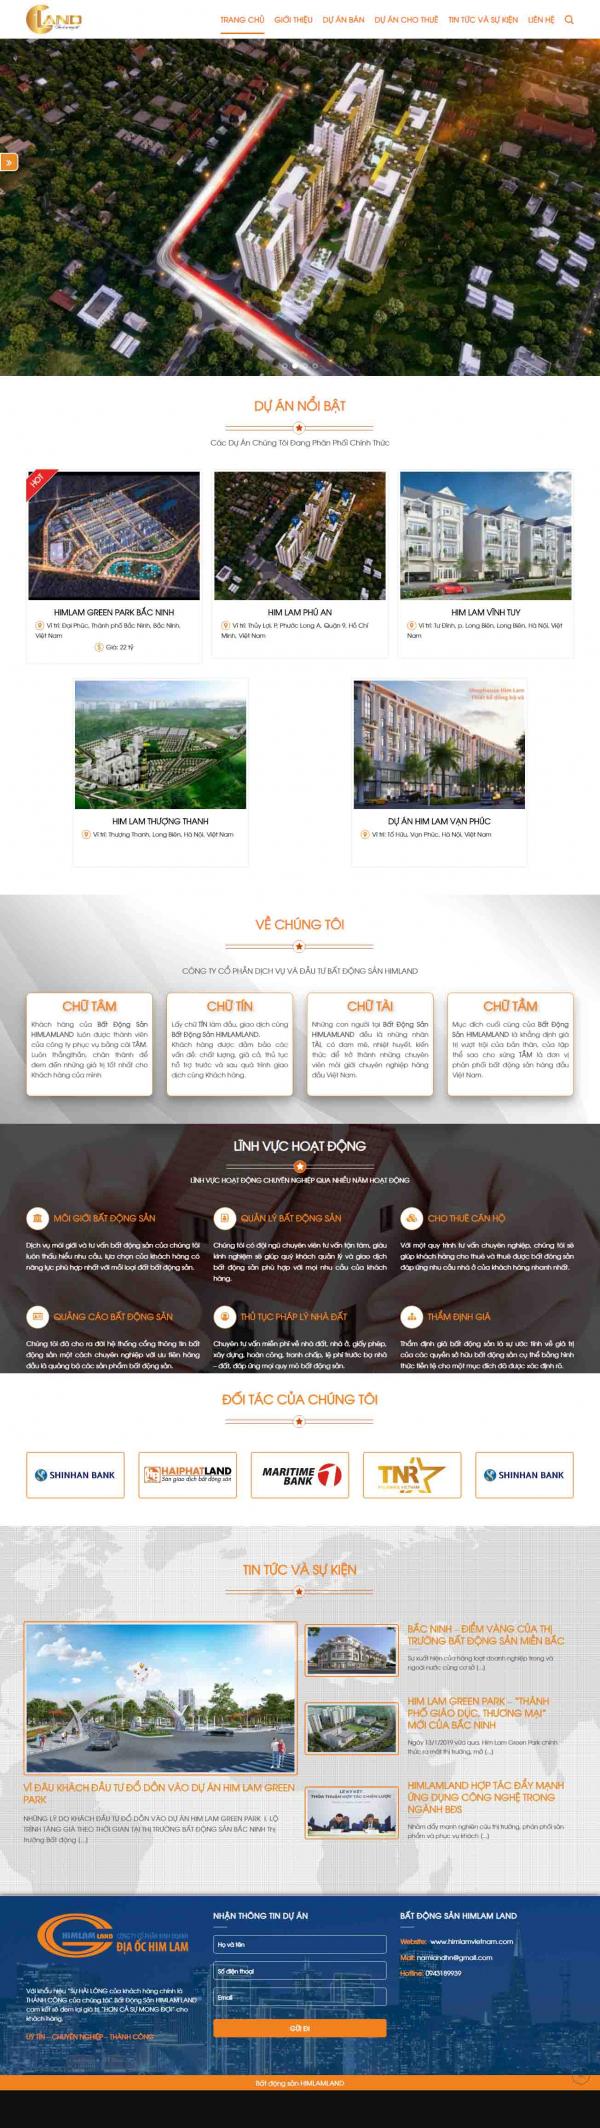 Mẫu giao diện thiết kế web landing page nhà đất